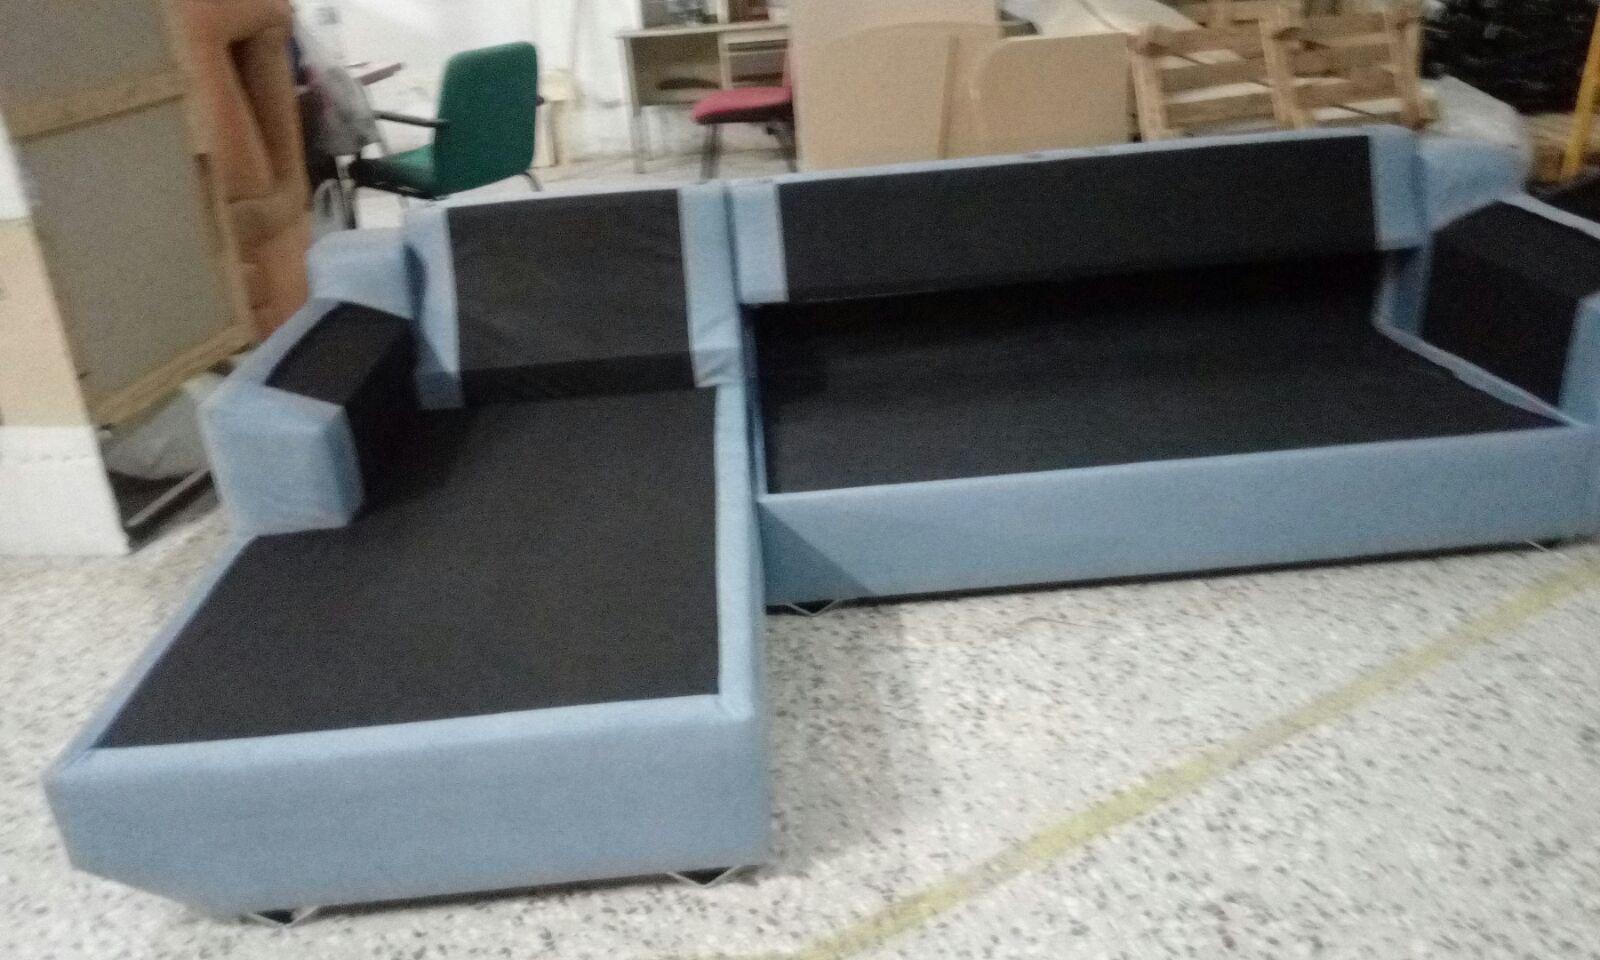 Diversos modelos y medidas de sofás en Terrassa